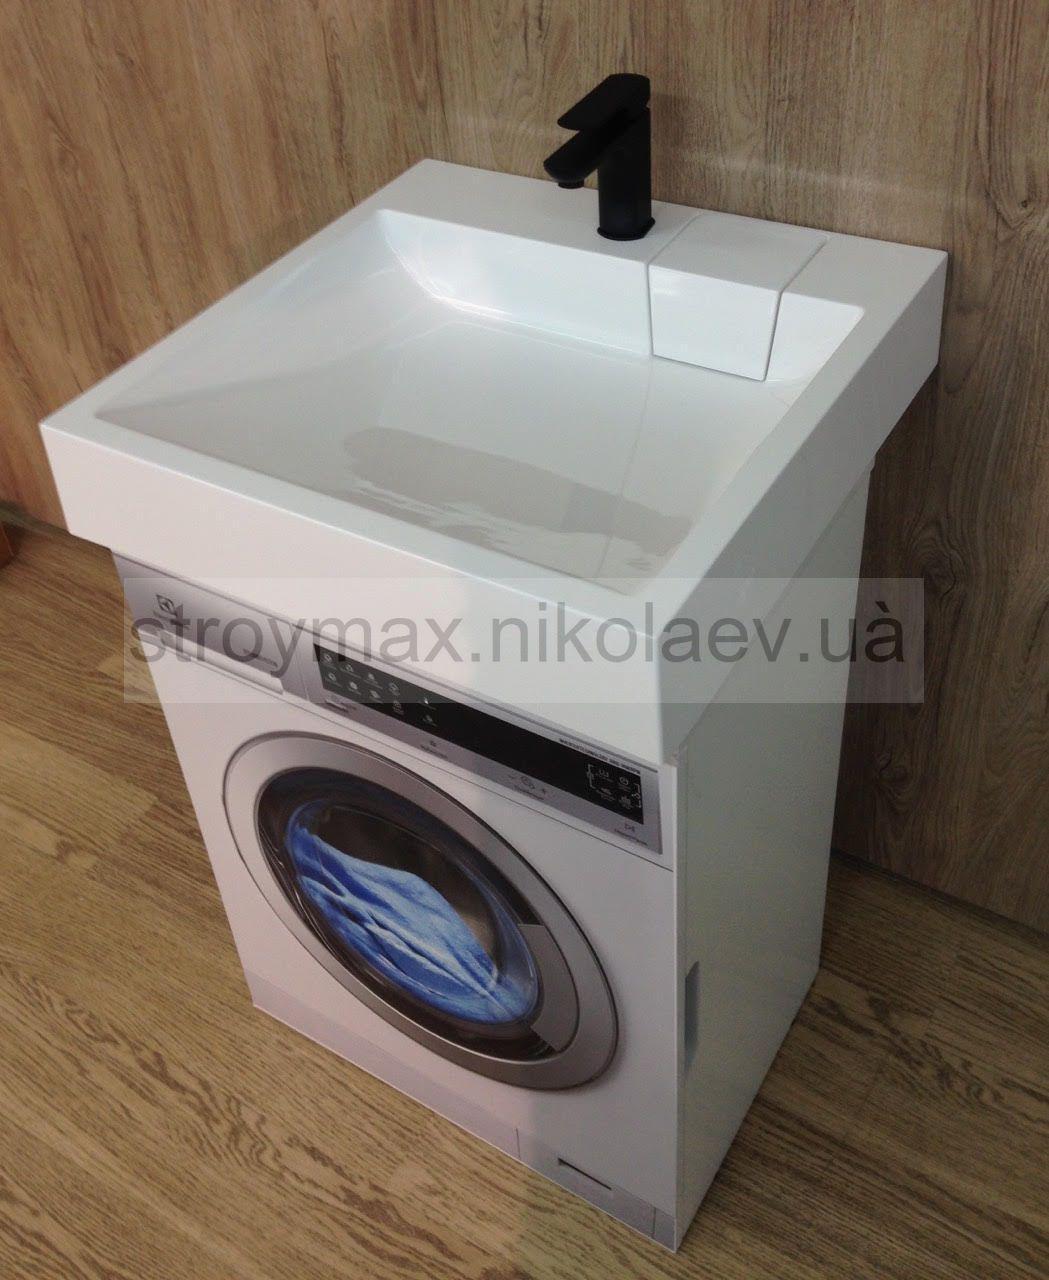 Умывальник над стиральной машиной TALLIN (600*600*120)  с комплектом крепежа к стене